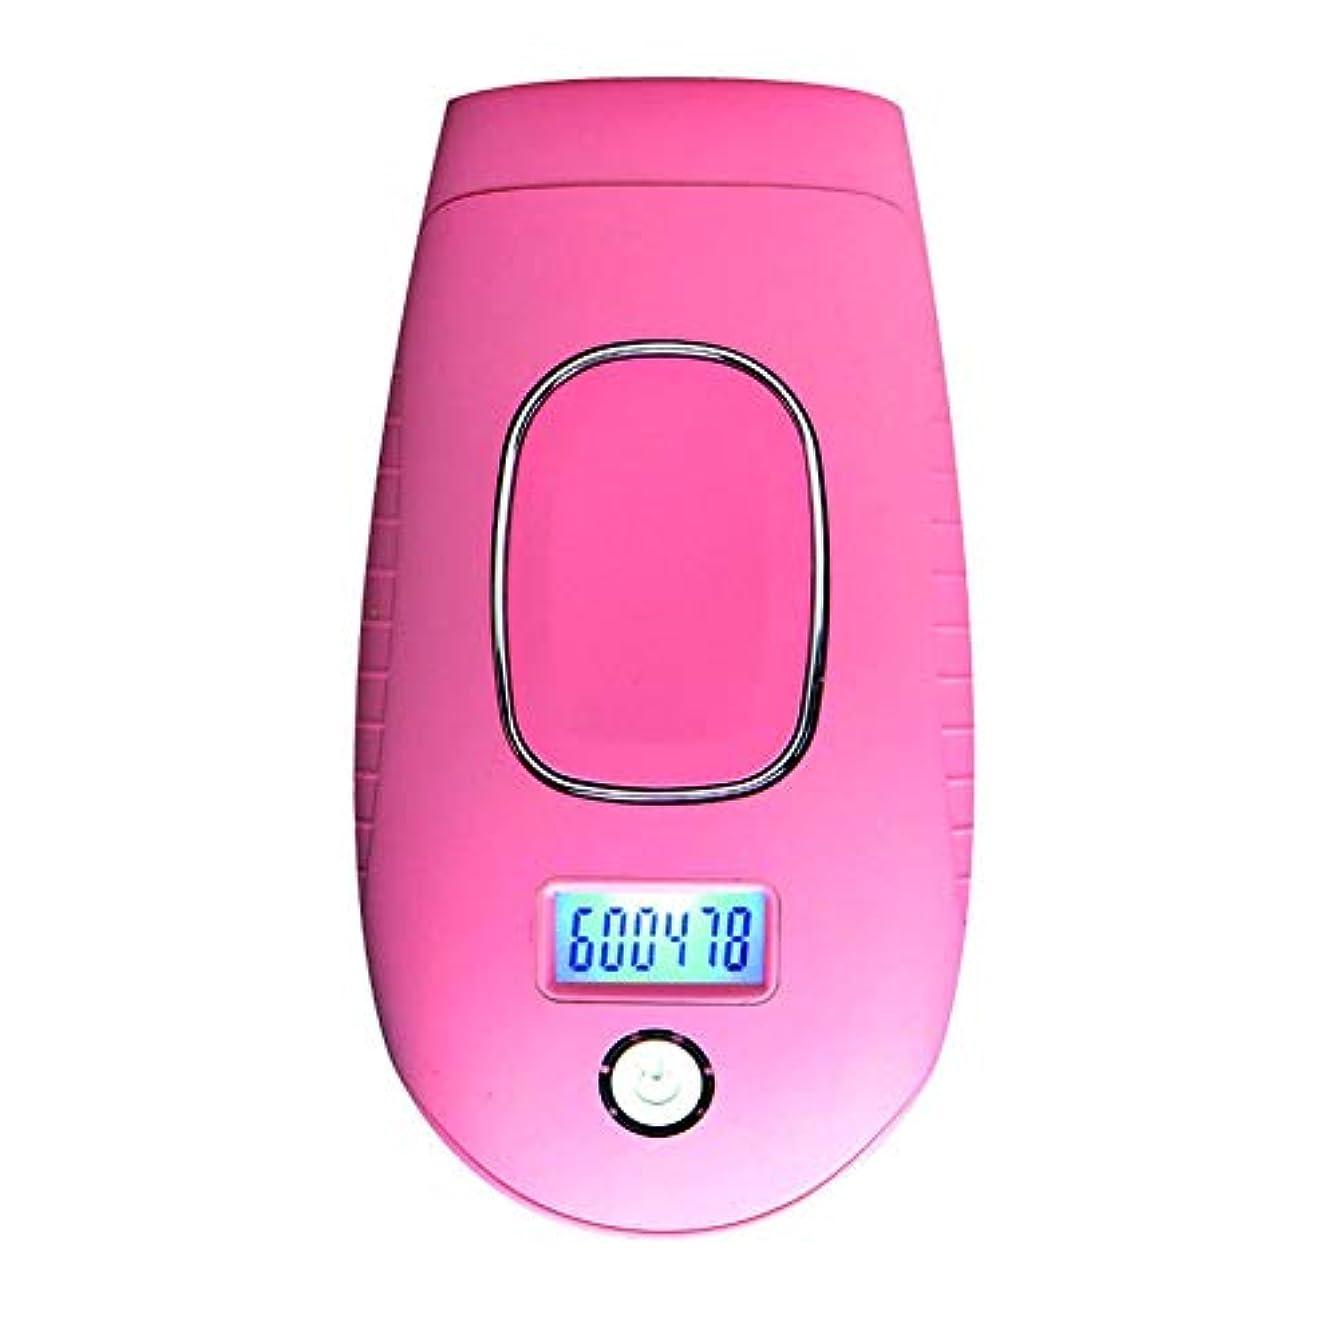 キャプテンブライベスビオ山地震女性男性の家庭用デジタルディスプレイ全身永久脱毛無痛レーザー脱毛器と脱毛機器,ピンク